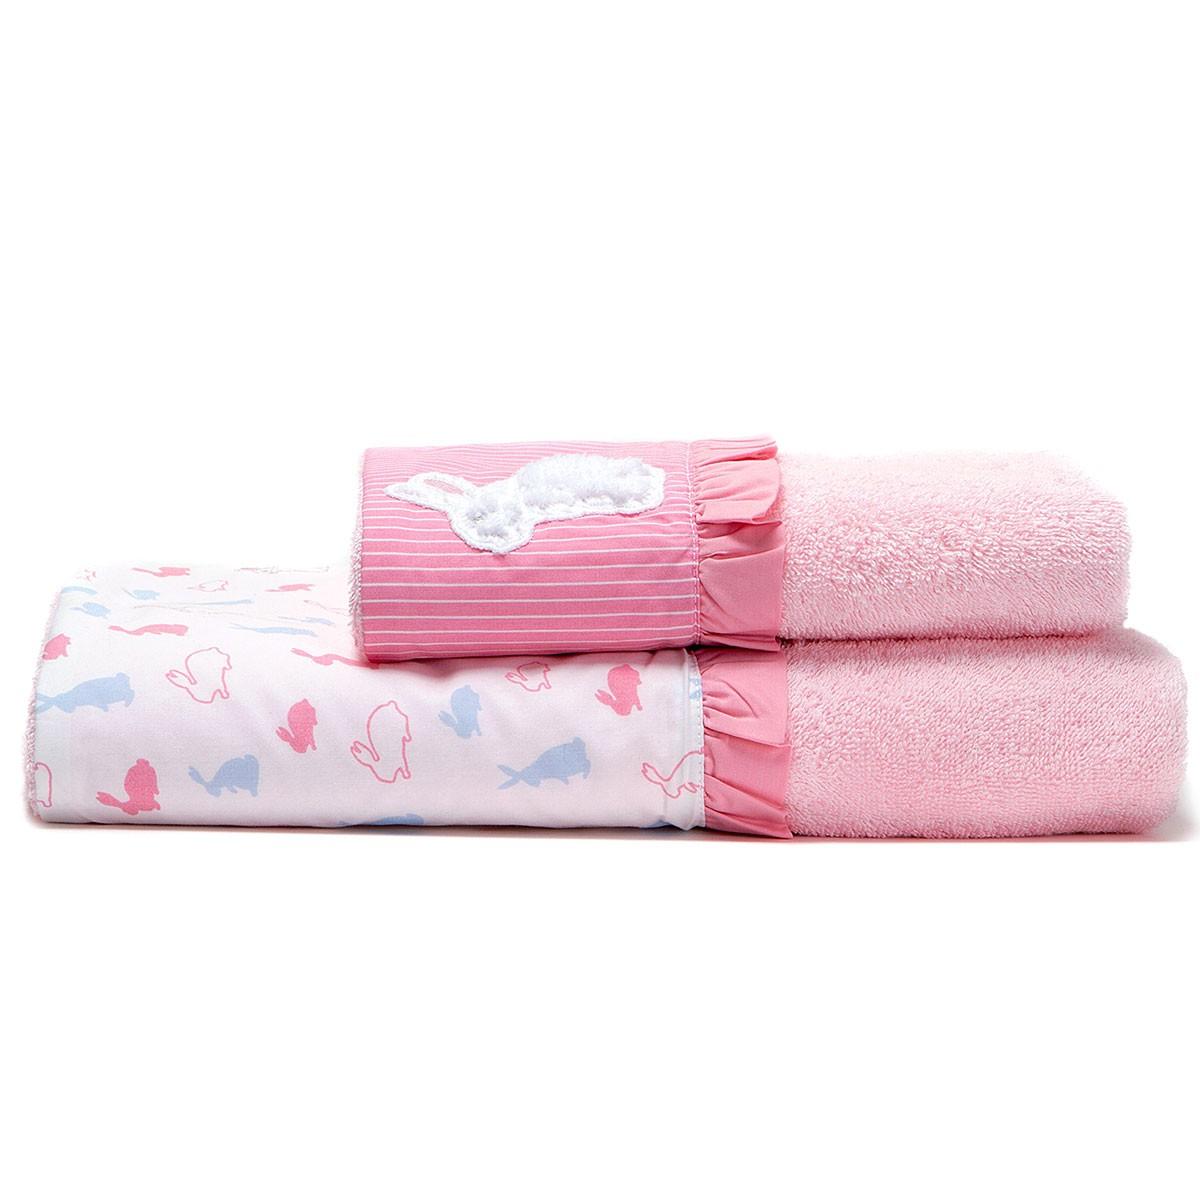 Βρεφικές Πετσέτες (Σετ) Laura Ashley Bunny Rabbit